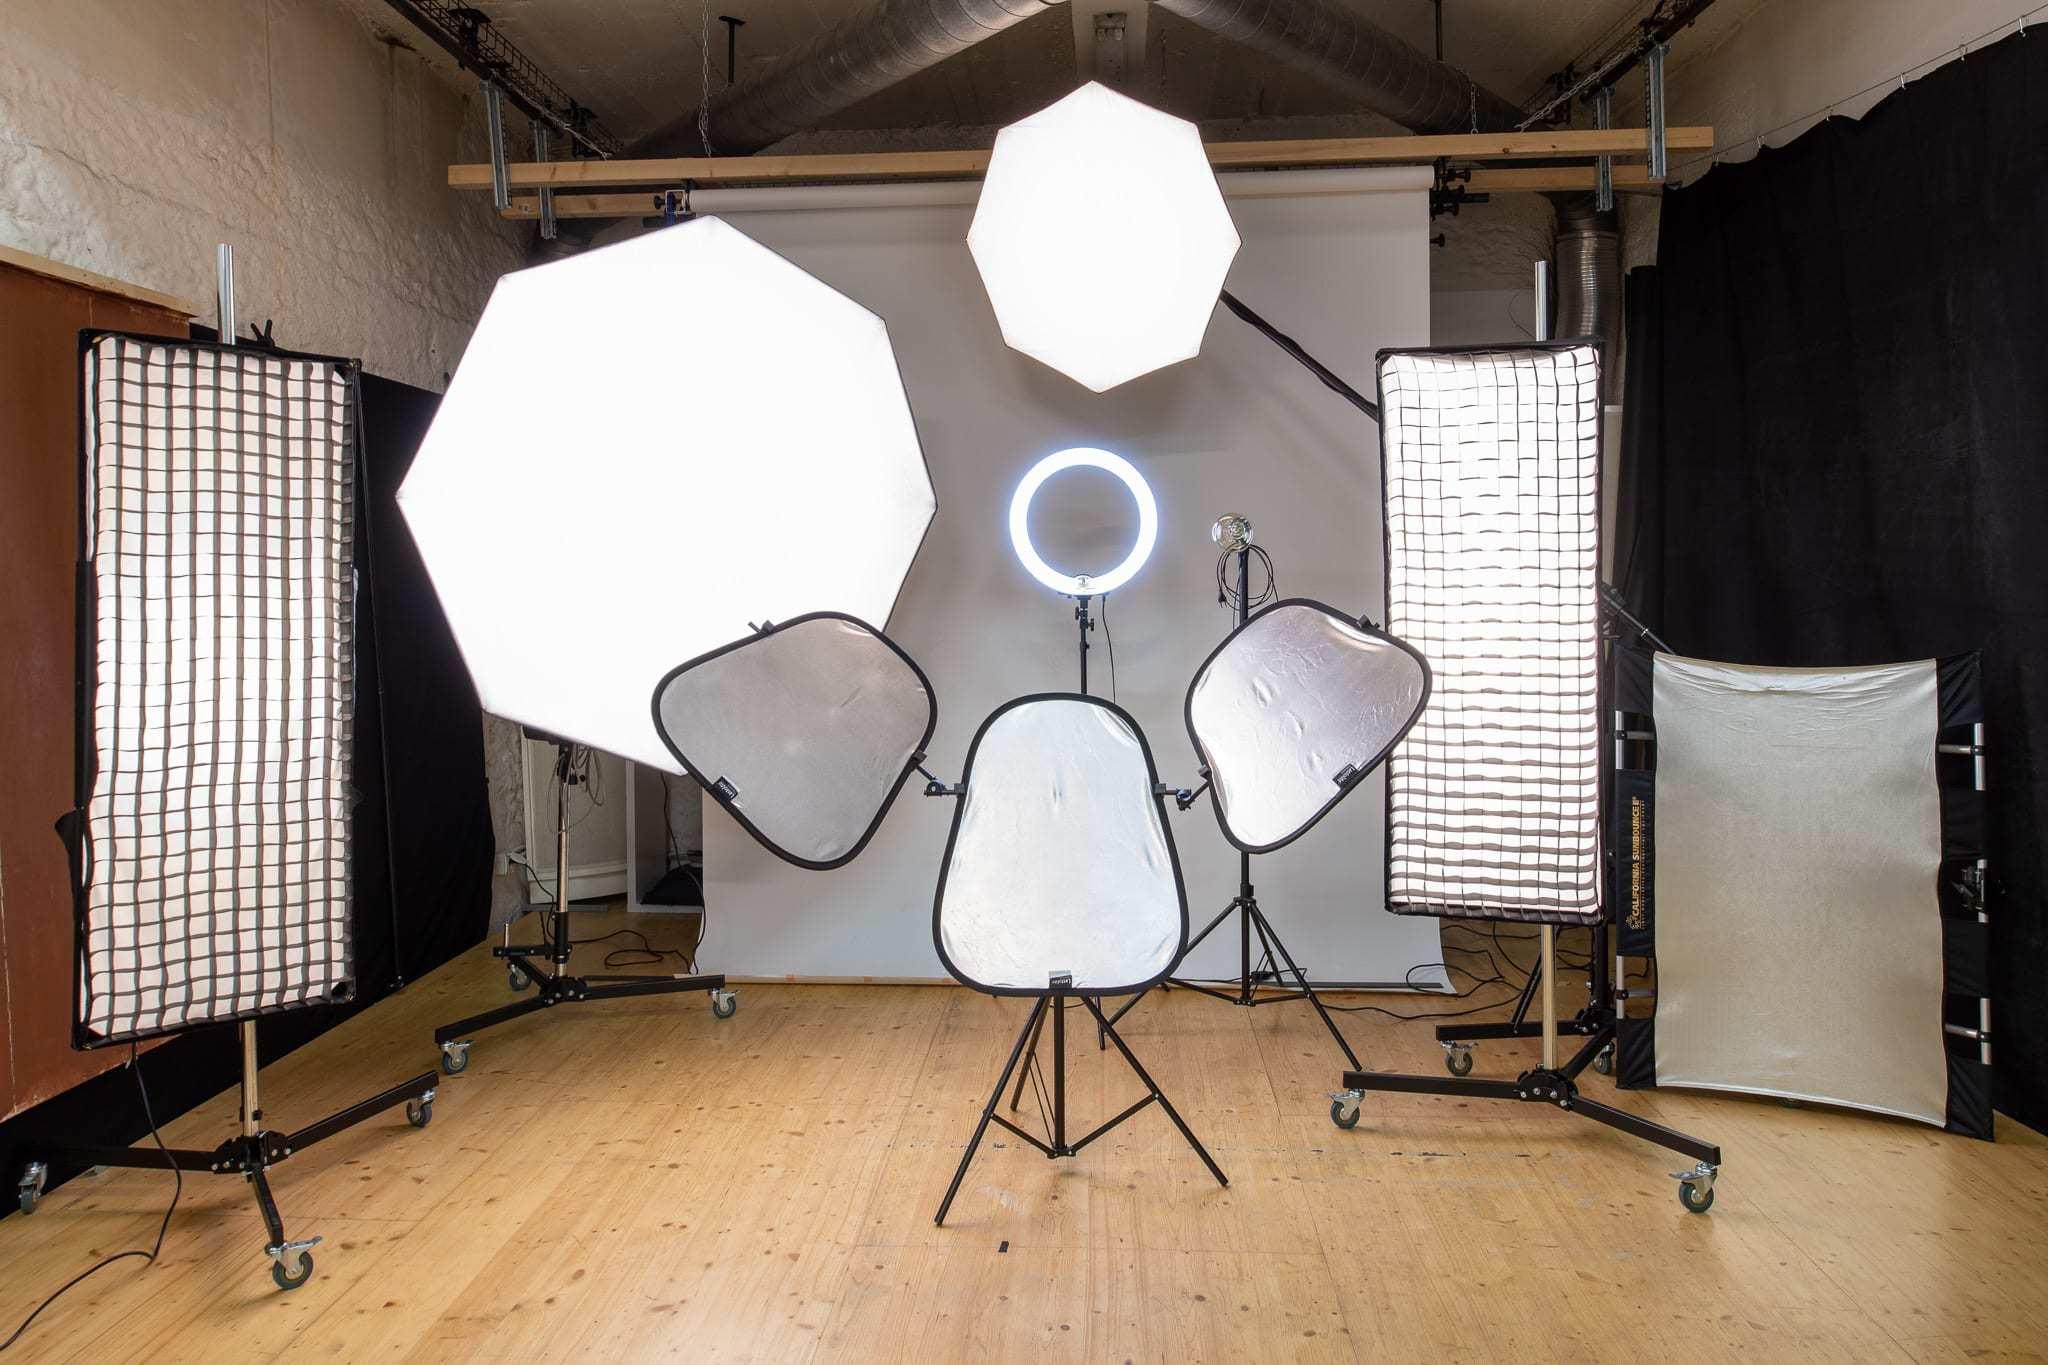 einfürung in die studiofotografie